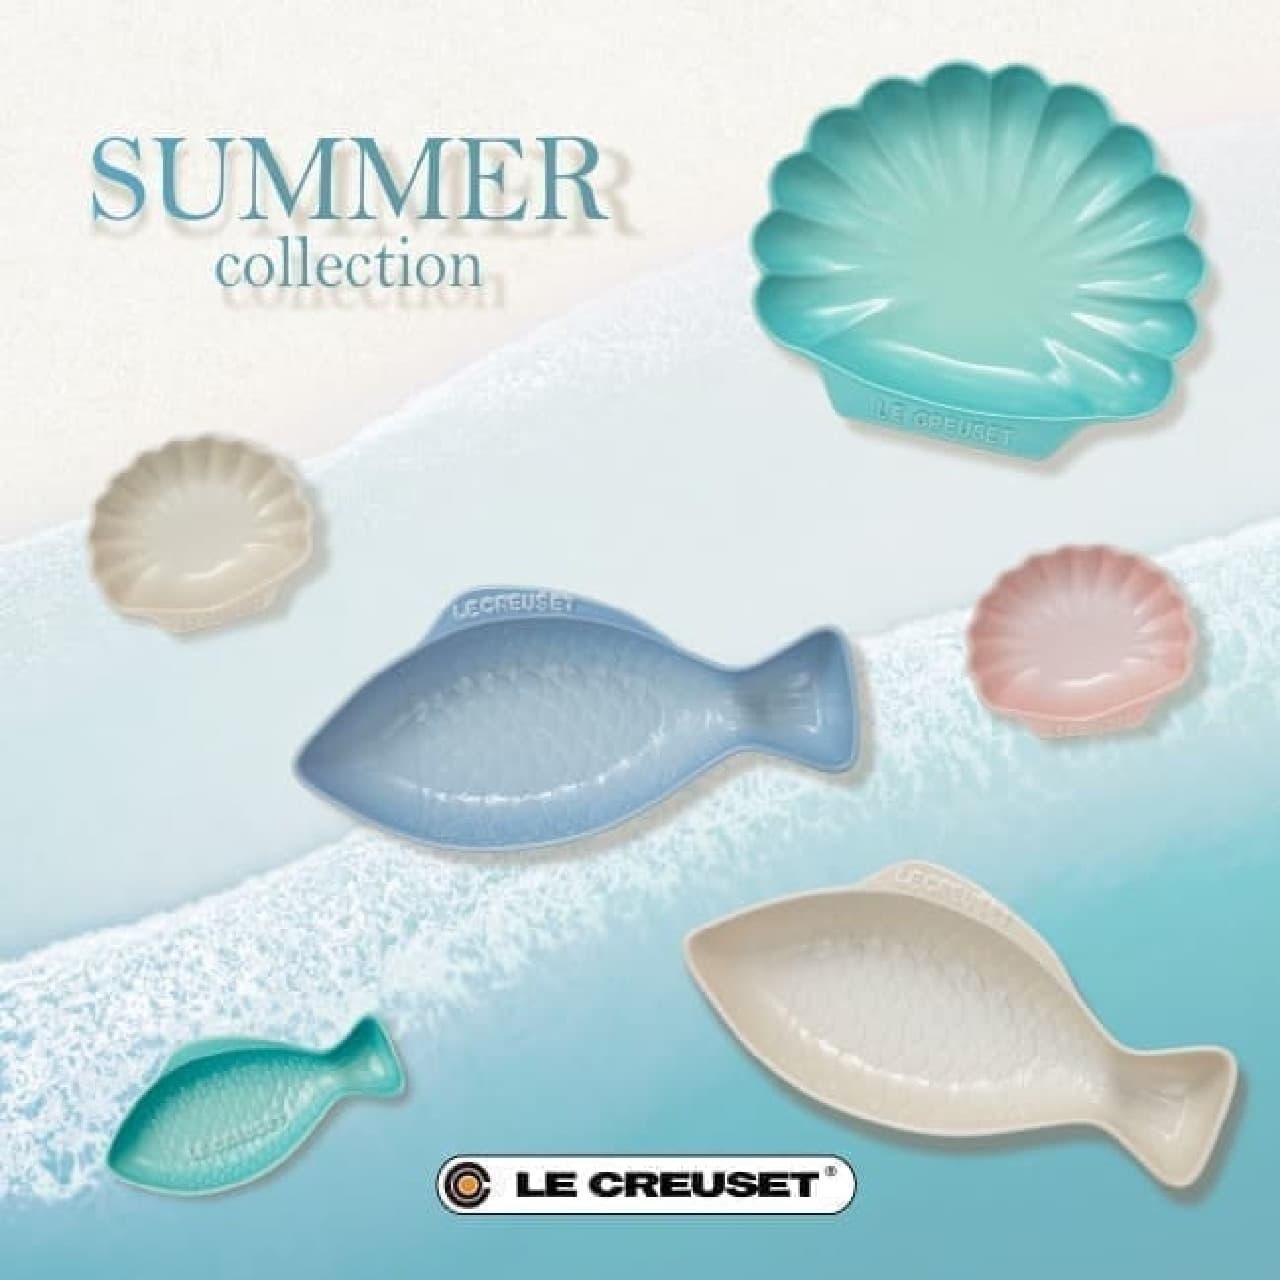 ル・クルーゼ「サマーコレクション」発売 -- 魚型「フィッシュ・ディッシュ」と貝殻型「コキール・ディッシュ」